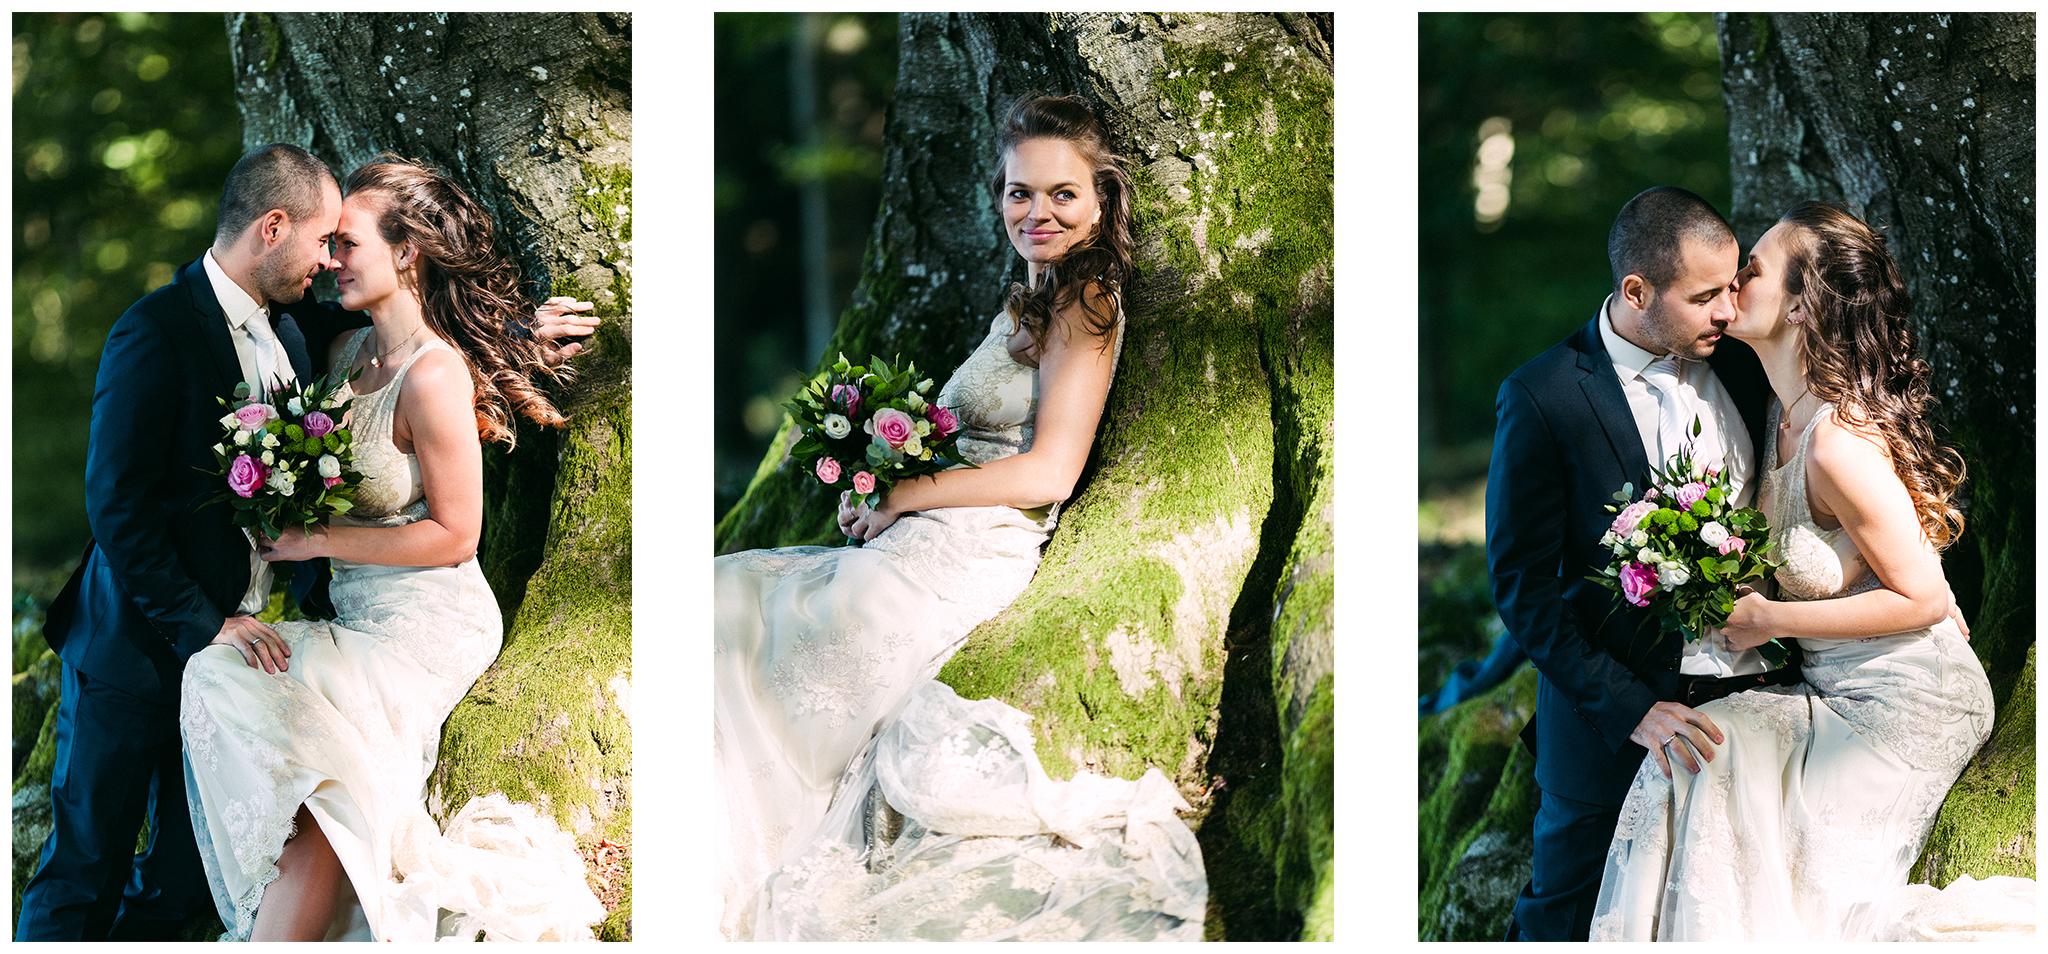 Esküvőfotós Vasmegye, Esküvő fotózás, Esküvői fotós, Körmend,Őrség, Balaton, Vas megye, Dunántúl, Budapest, Fülöp Péter, Jegyes fotózás, jegyes, Balaton, kreatívfotózás,Wien,Ausztira,Österreich,hochzeitsfotograf_ZSB_7.jpg